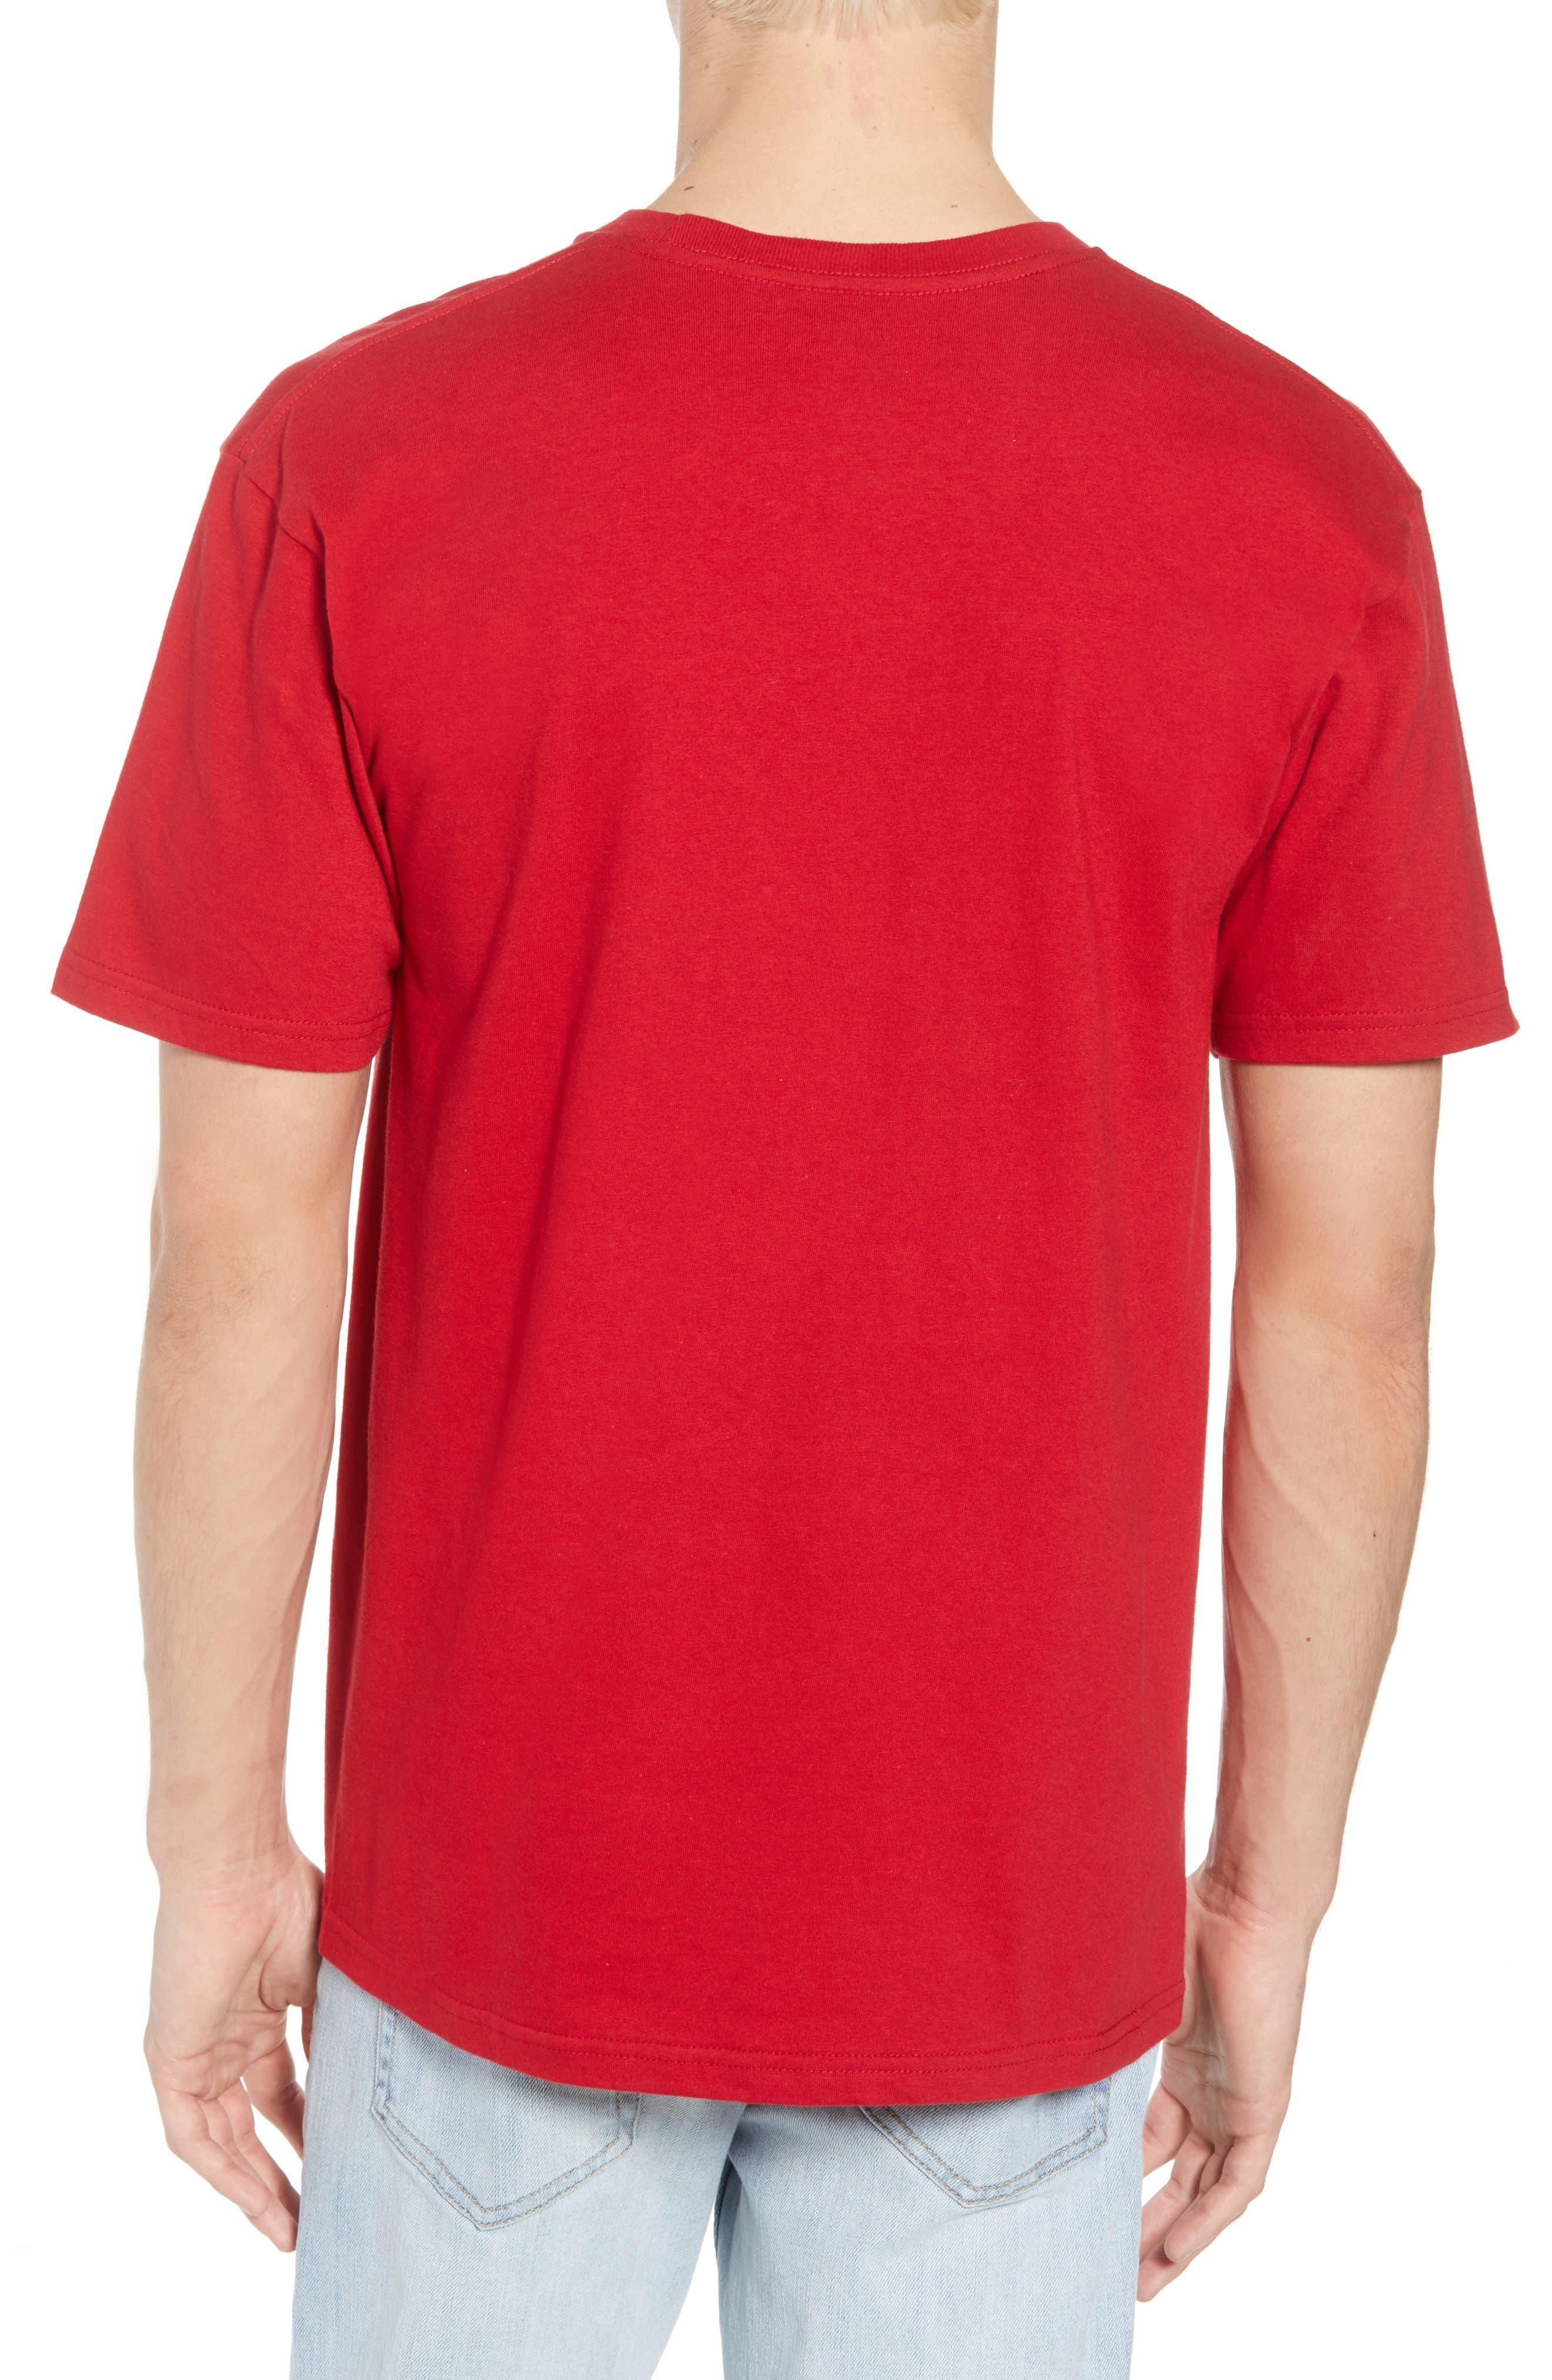 x Marvel<sup>®</sup> Iron Man T-Shirt,                             Alternate thumbnail 2, color,                             Cardinal